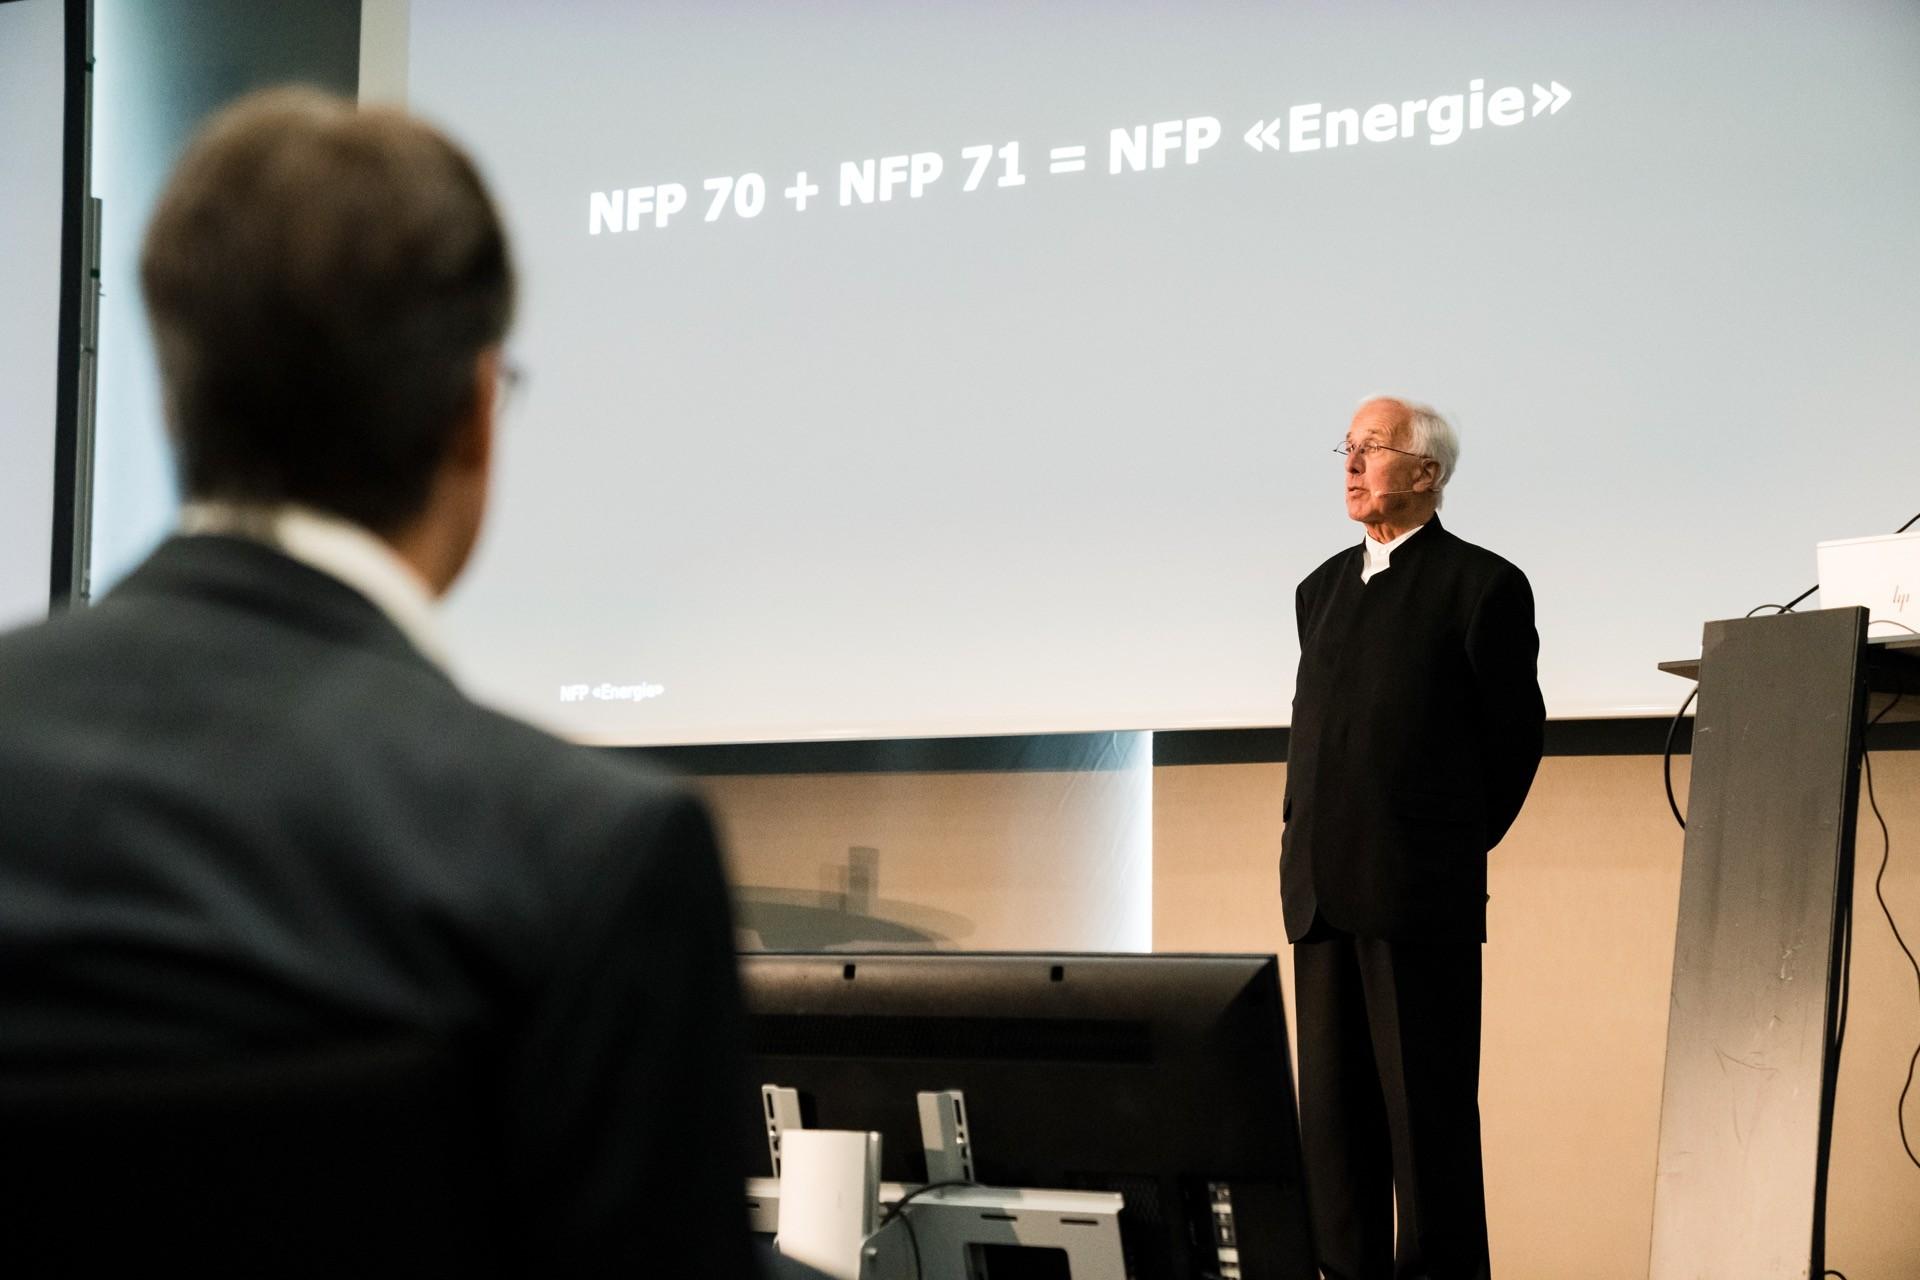 NFP-Energie_20191017-0025-_DSC3833.jpg